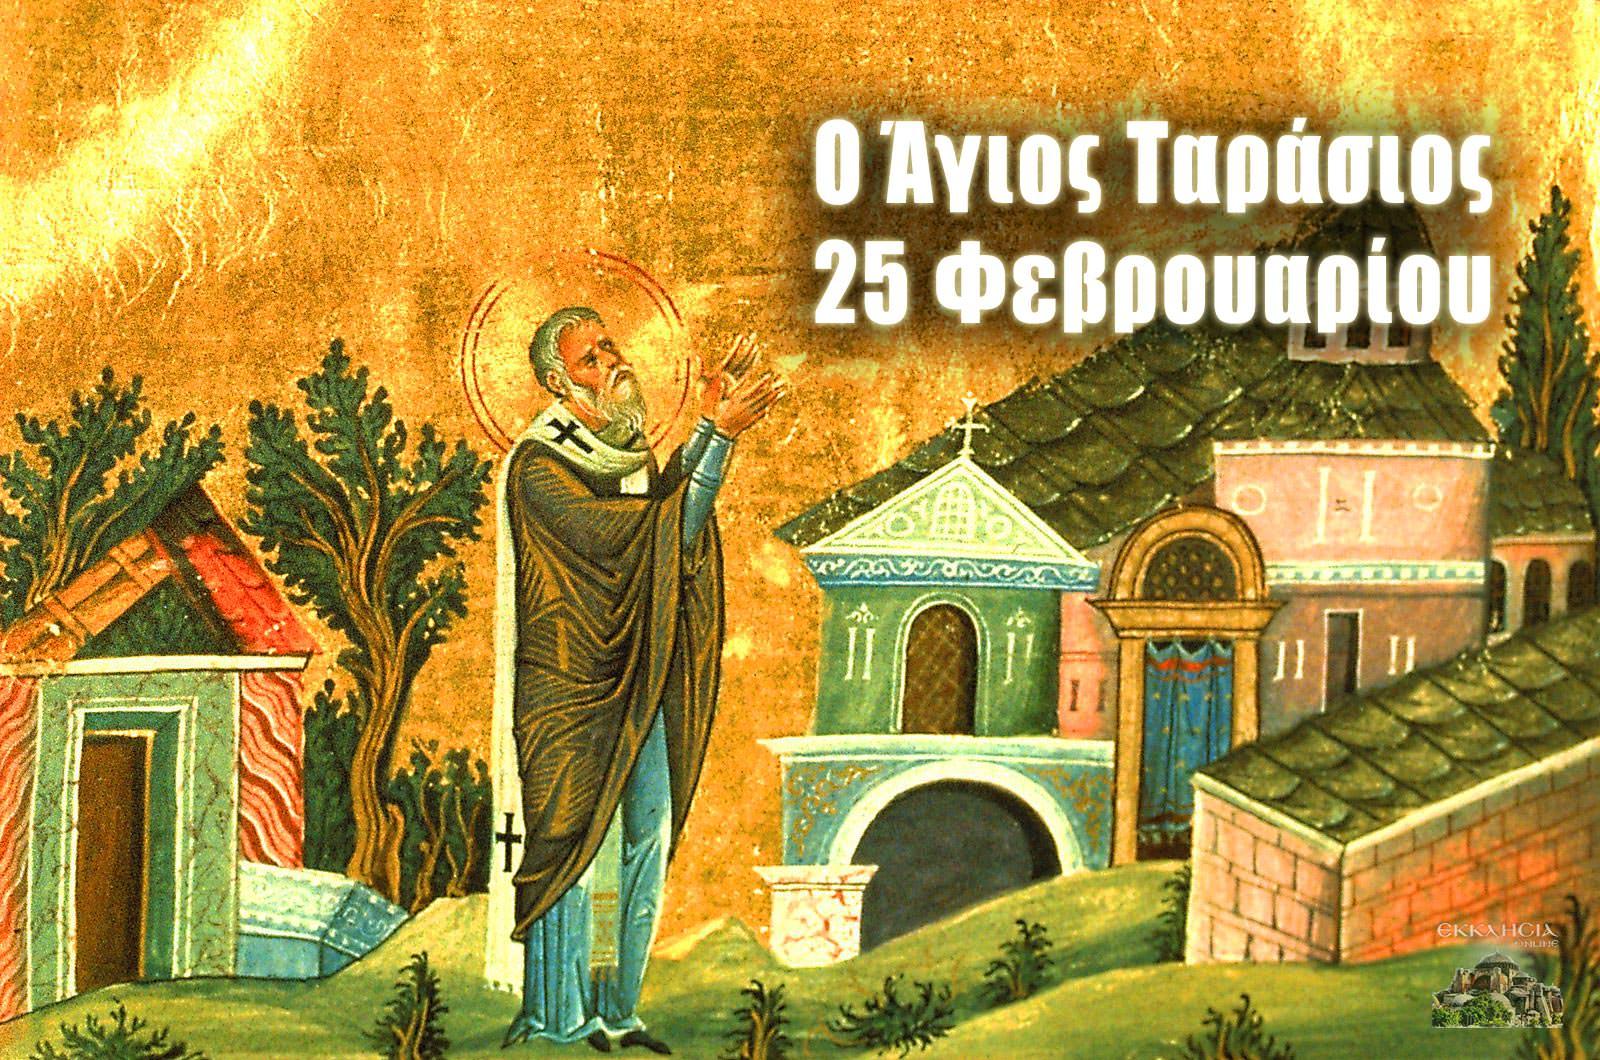 Άγιος Ταράσιος 25 Φεβρουαρίου